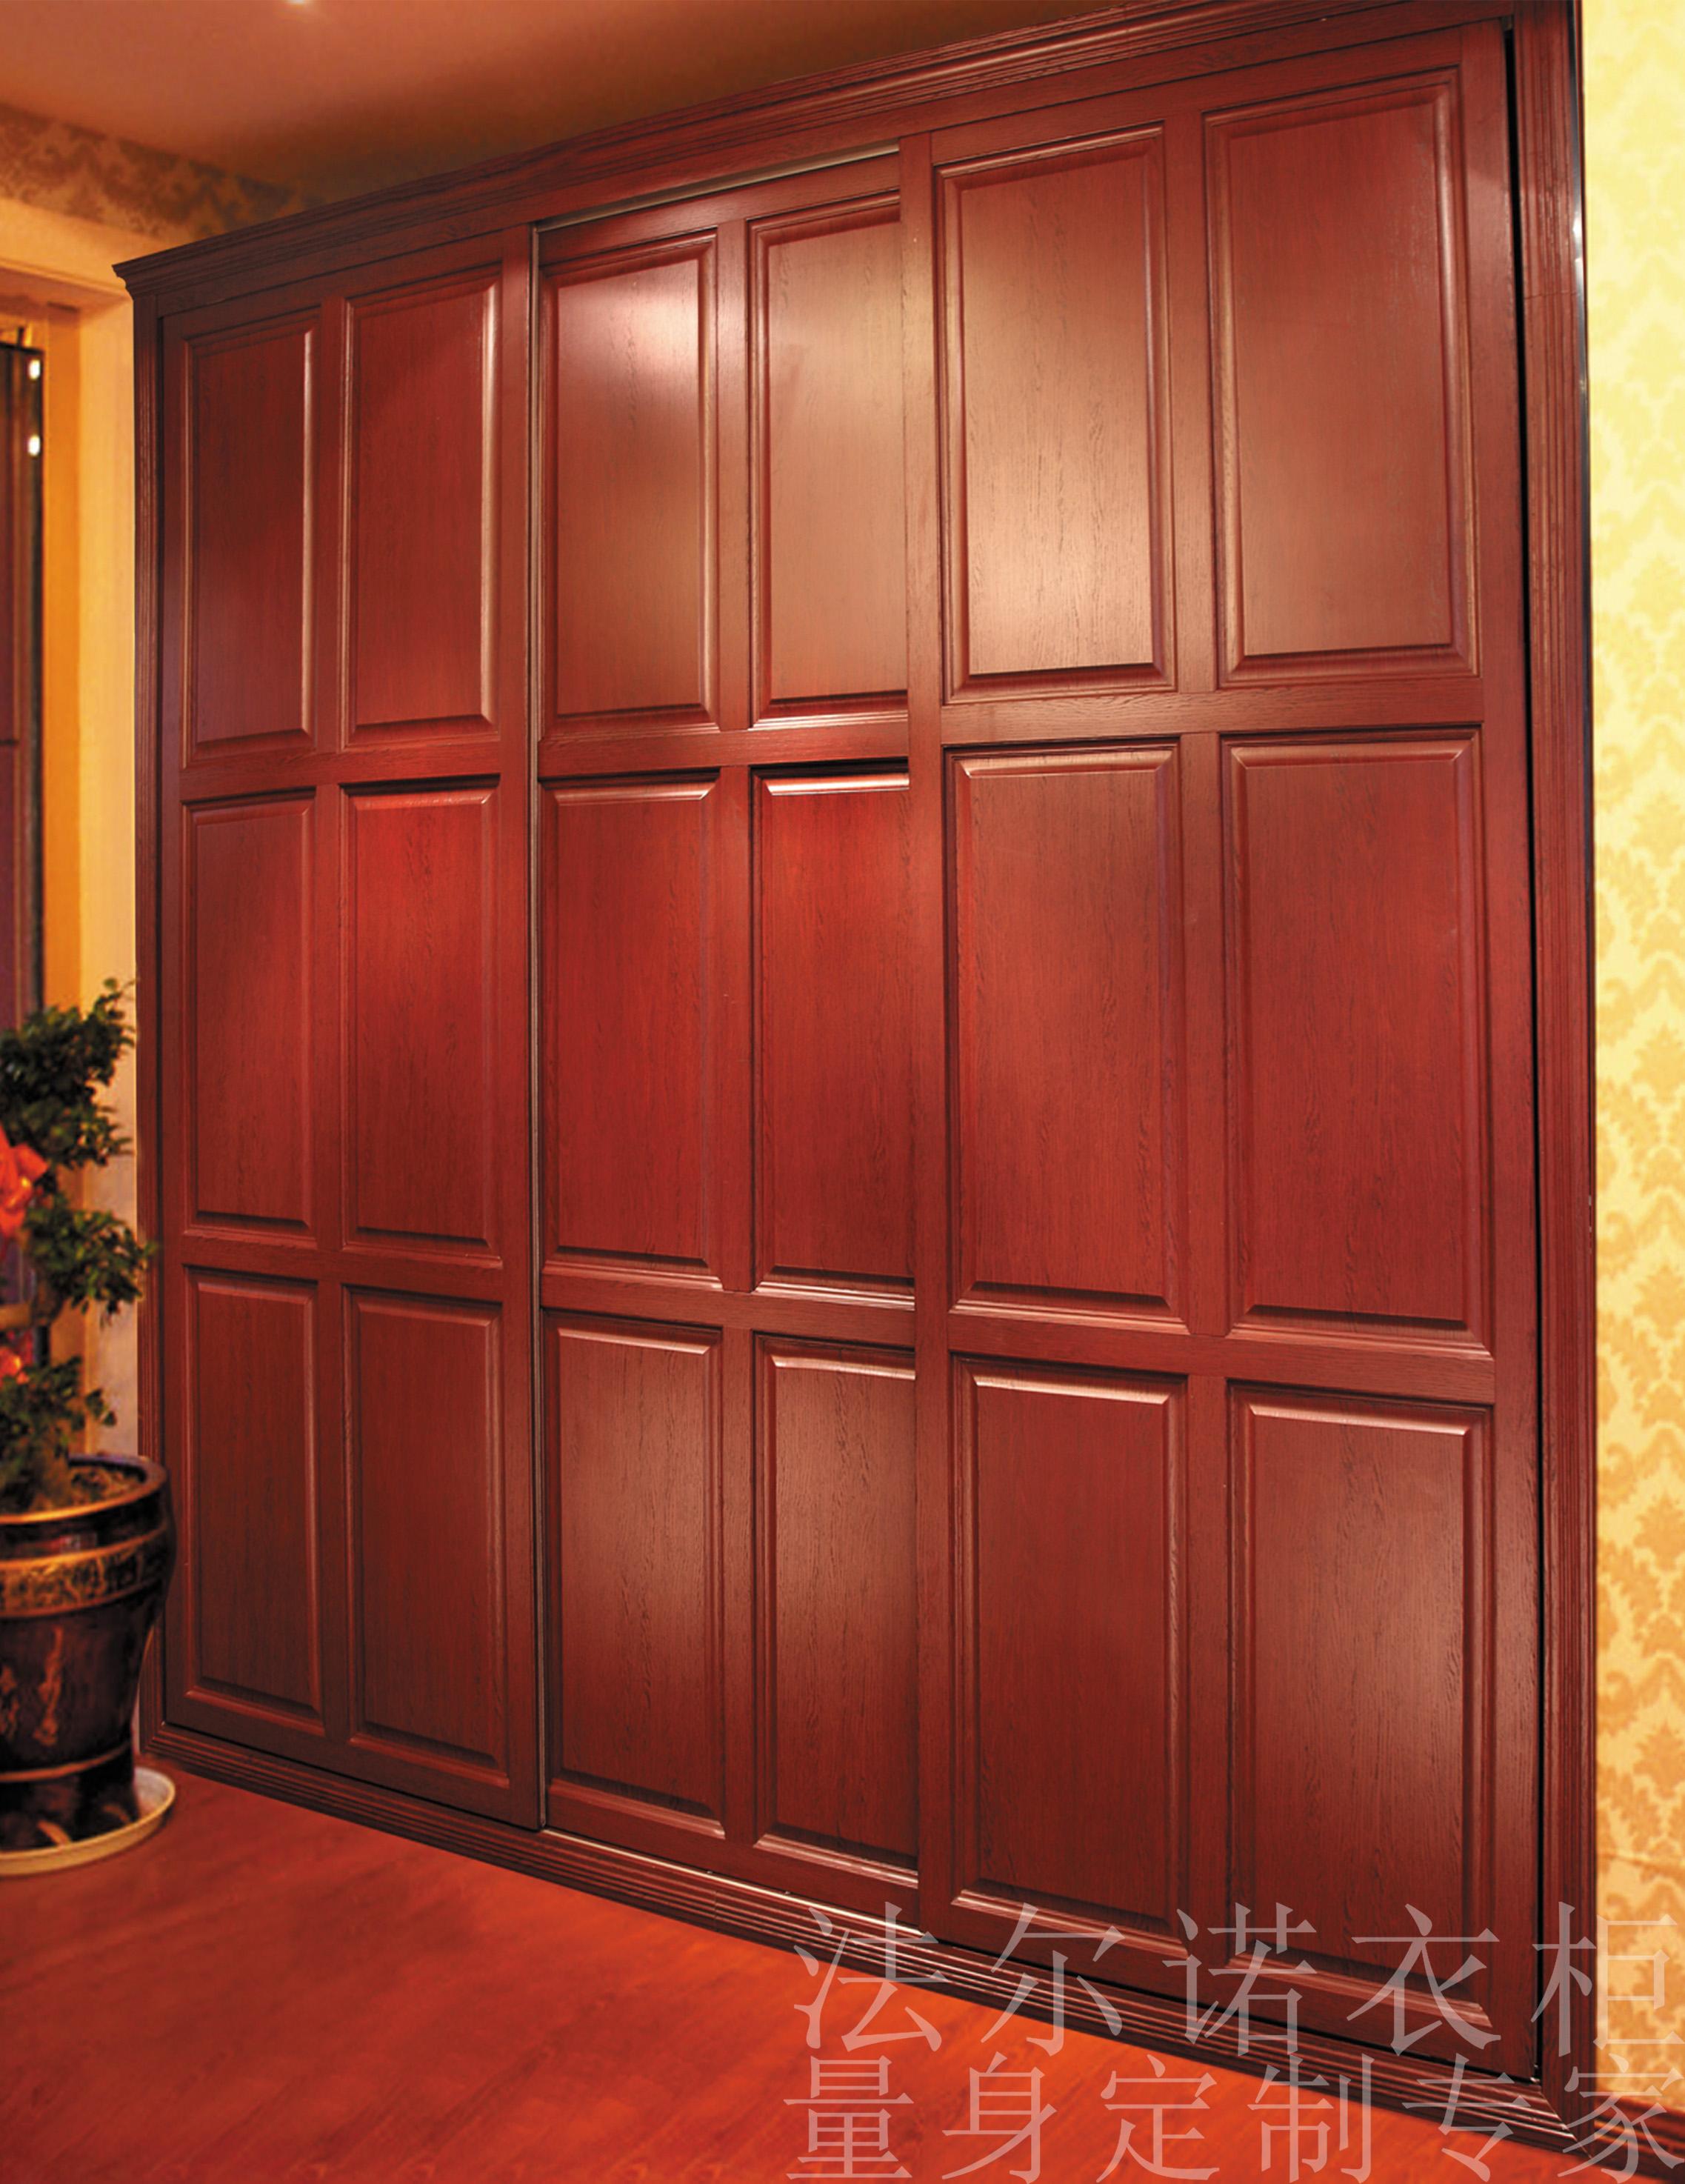 """1.判断家具是否真的为实木制成,或标明哪里是实木,哪里是人造板。窥实木的奥秘:木纹和疤结。这是业内人士透露的鉴别是否整块实木的方法。如一个柜门,外表看上去是一种花纹,那么相应着这个花纹变化的位置,在柜门的背面看相应的花纹,如果对应得很好则是纯实木柜门。另外看疤结也是鉴定纯木的好方法:看好有疤痕的一面所在位置,再在另一面找是否有相应花纹。 2.实木是什么树种制成的,这直接影响价格和质量。在北方,普通实木家具通常采用榉木、白橡木、水曲柳、榆木、楸木、橡胶木、柞木,而名贵的红木家具主要采用""""花梨木、"""